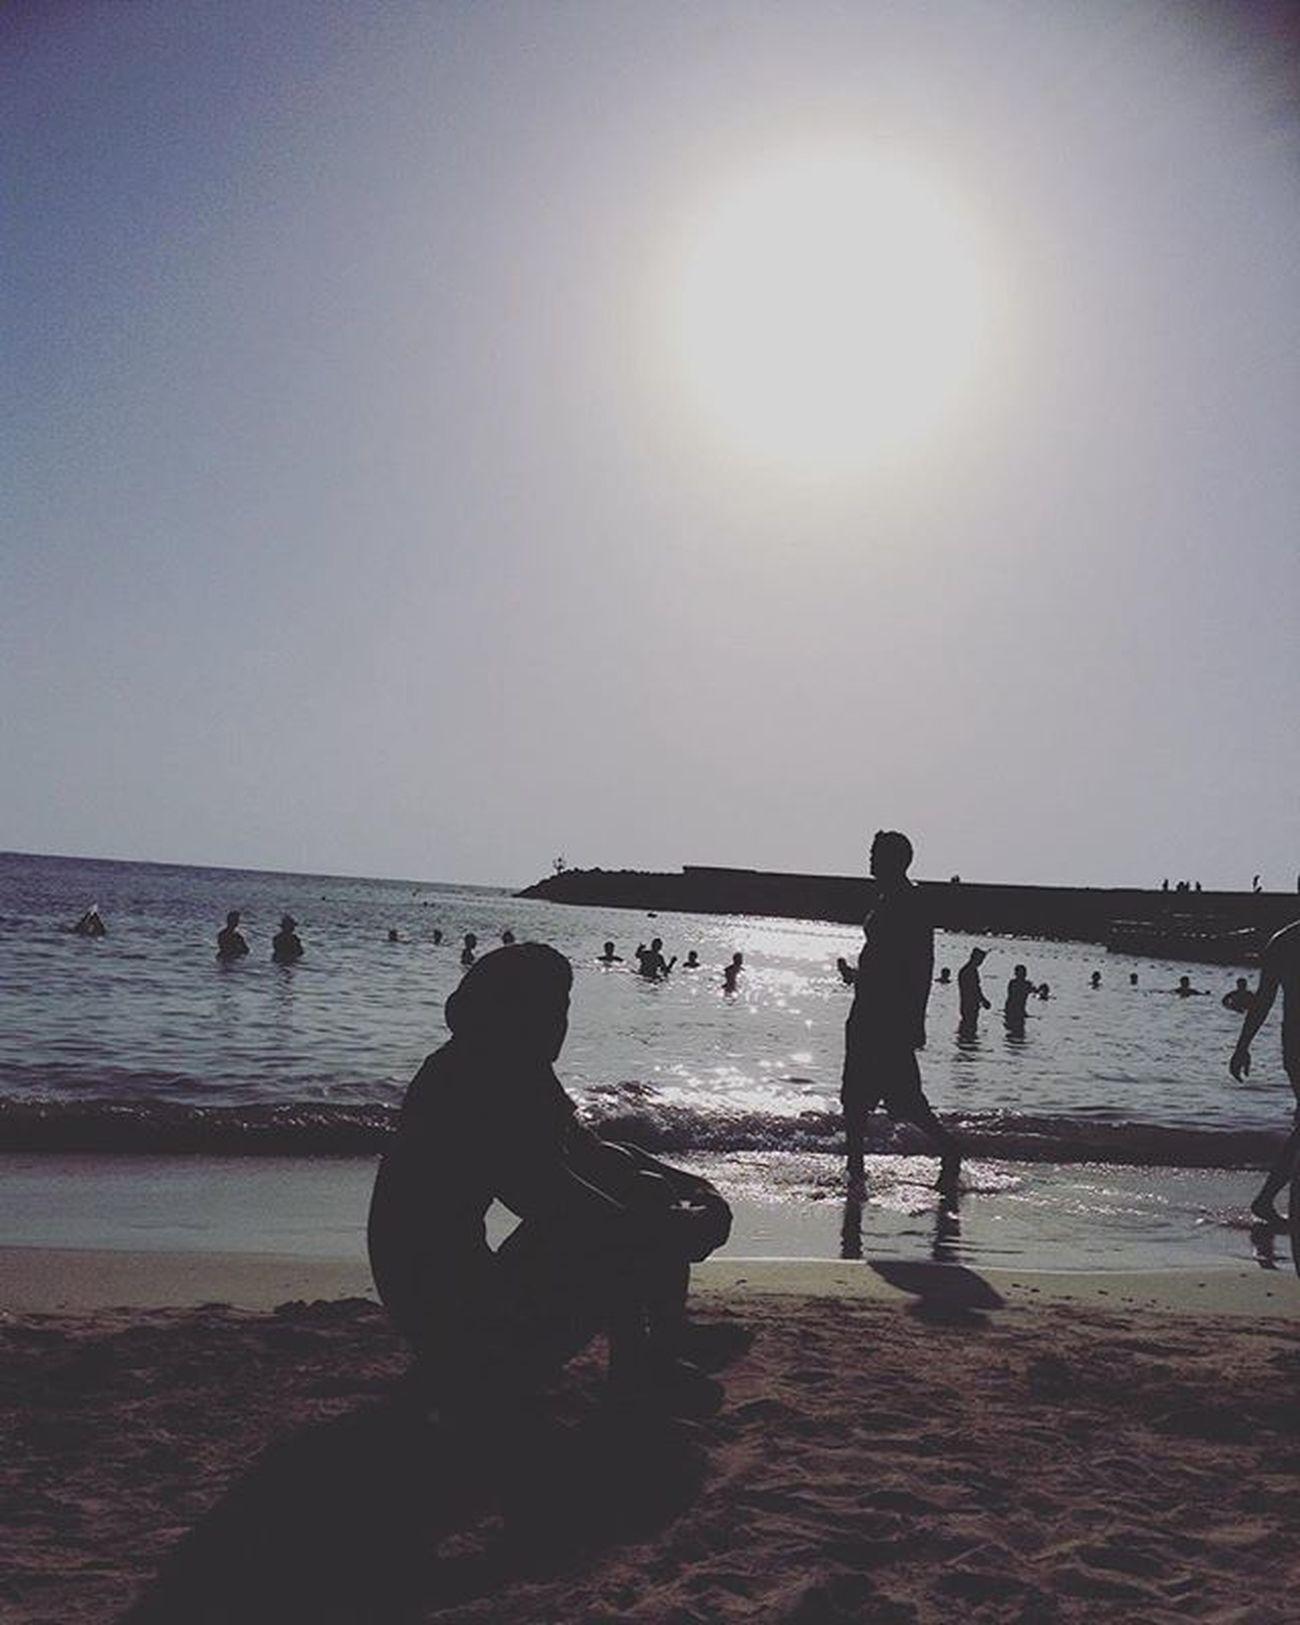 OI4 jun6 @jumeirahbeach Timeflies Memorieslastforever 🌊🕐🚀